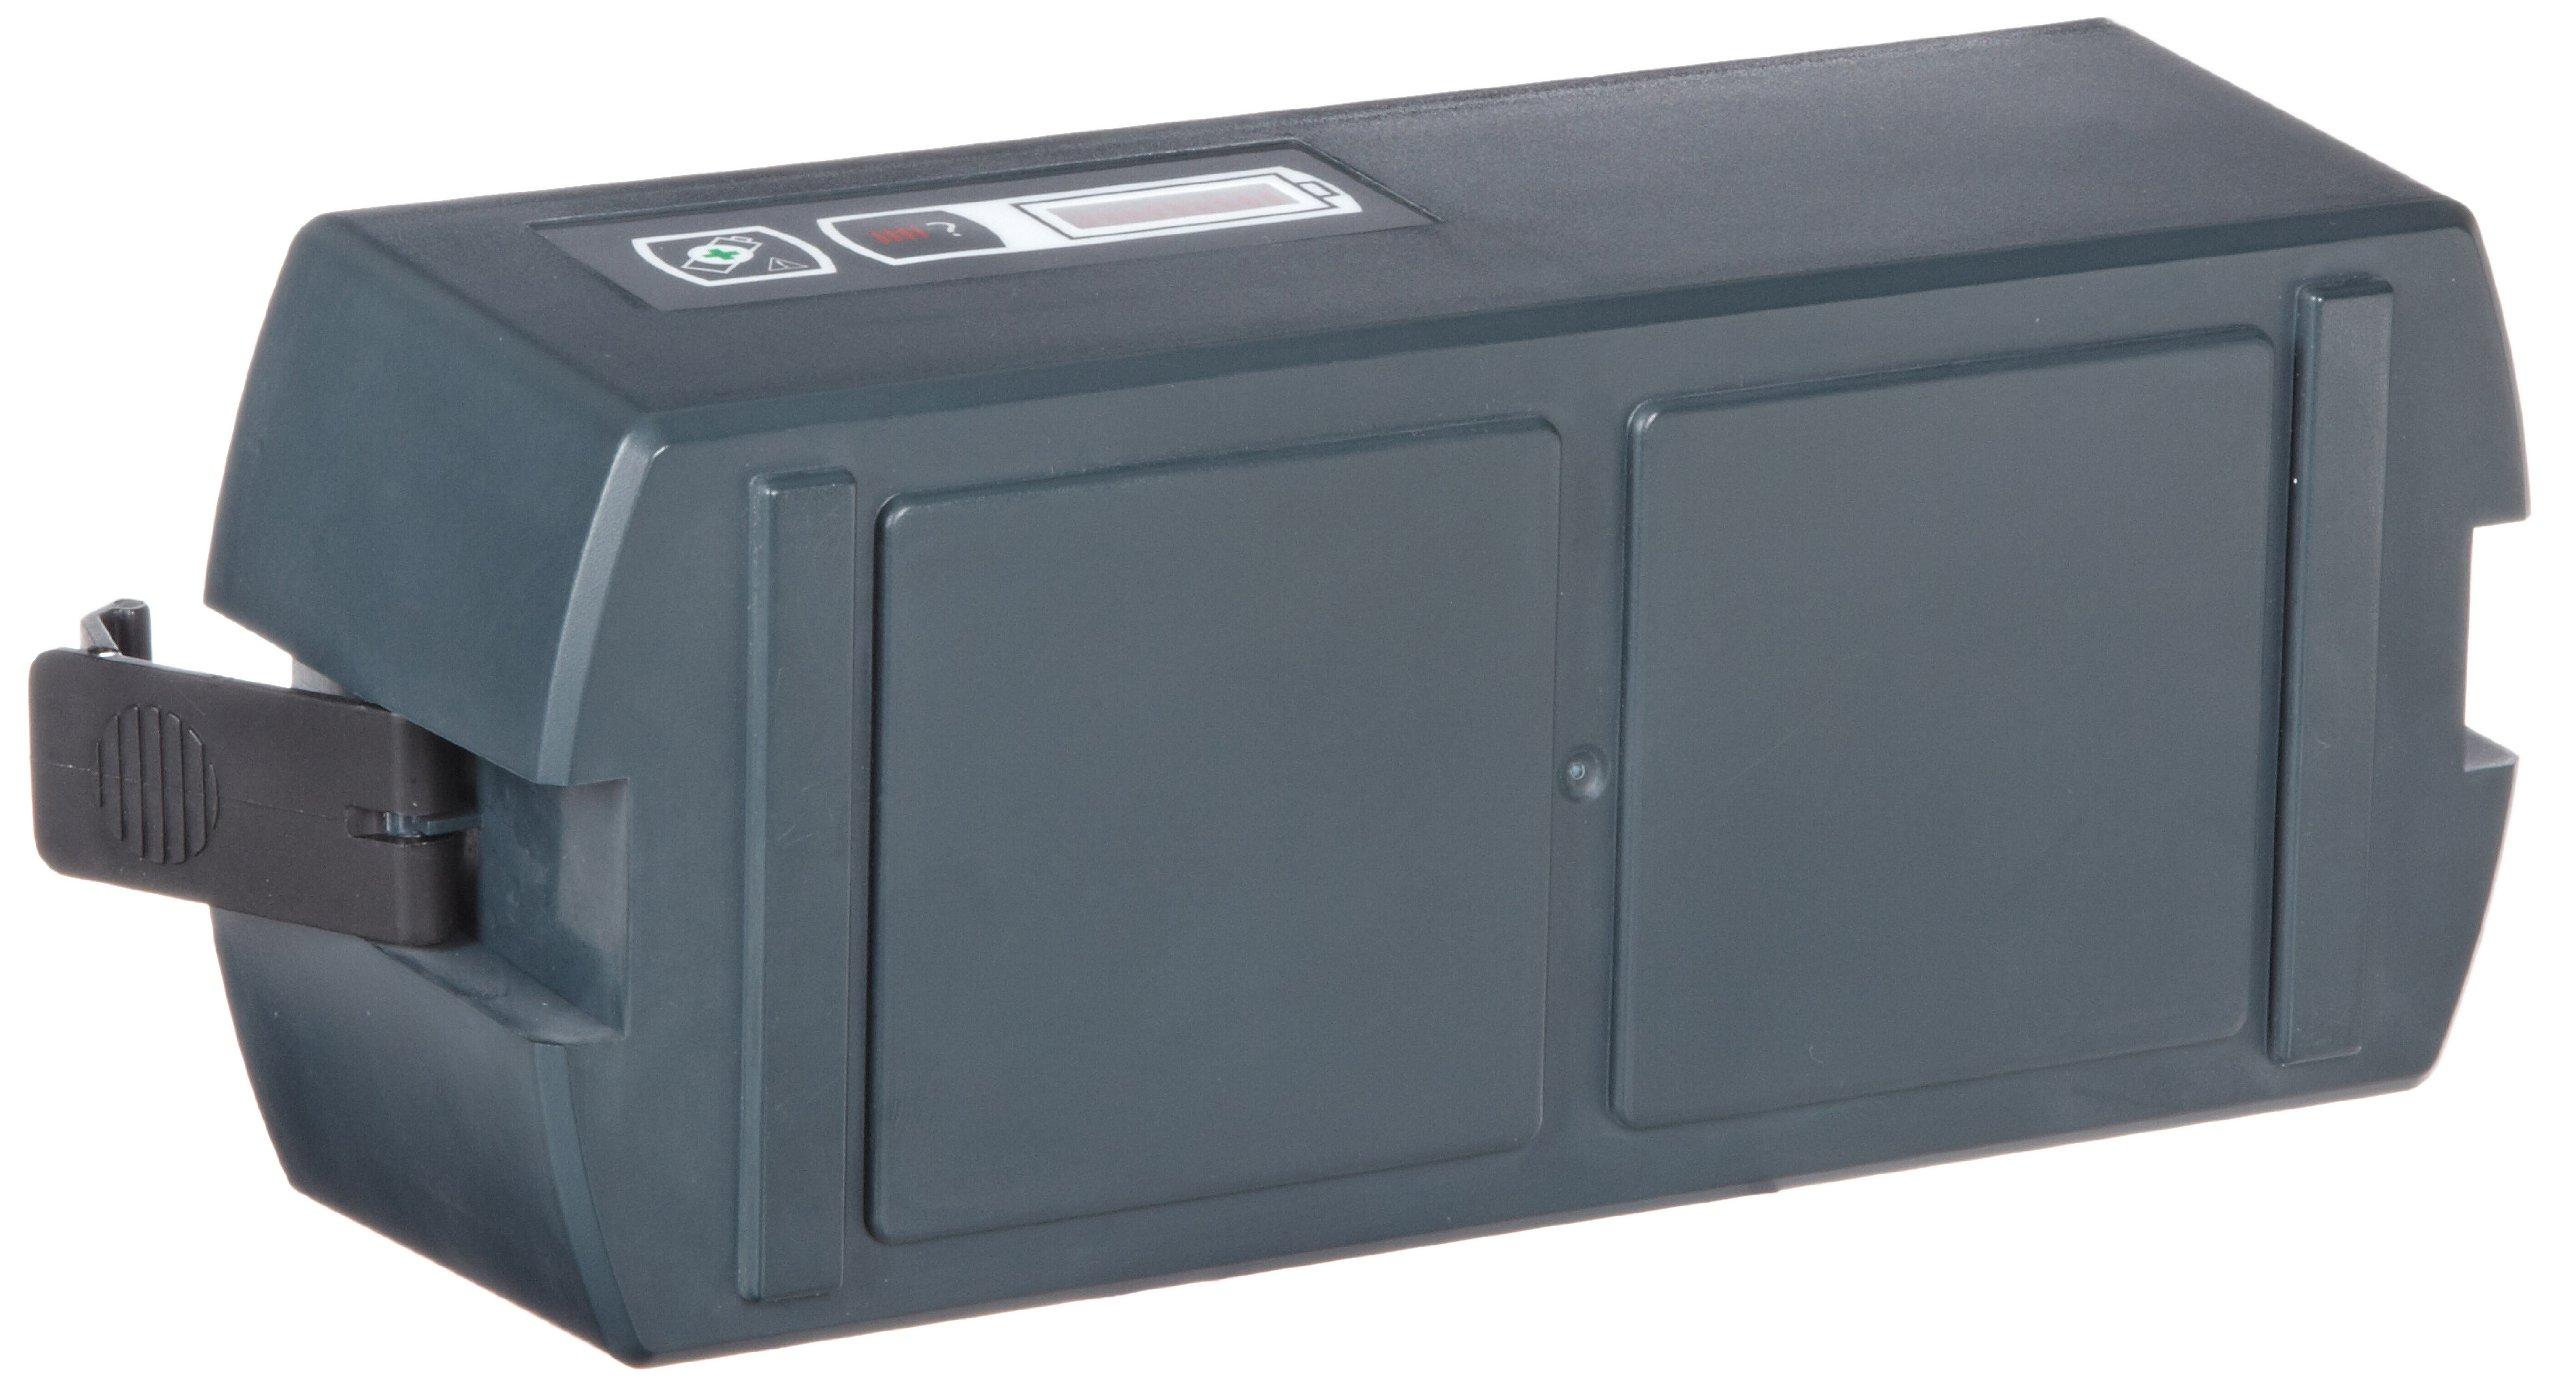 Megger 6121-492 Spare Battery for BITE 3 Series by Megger (Image #1)